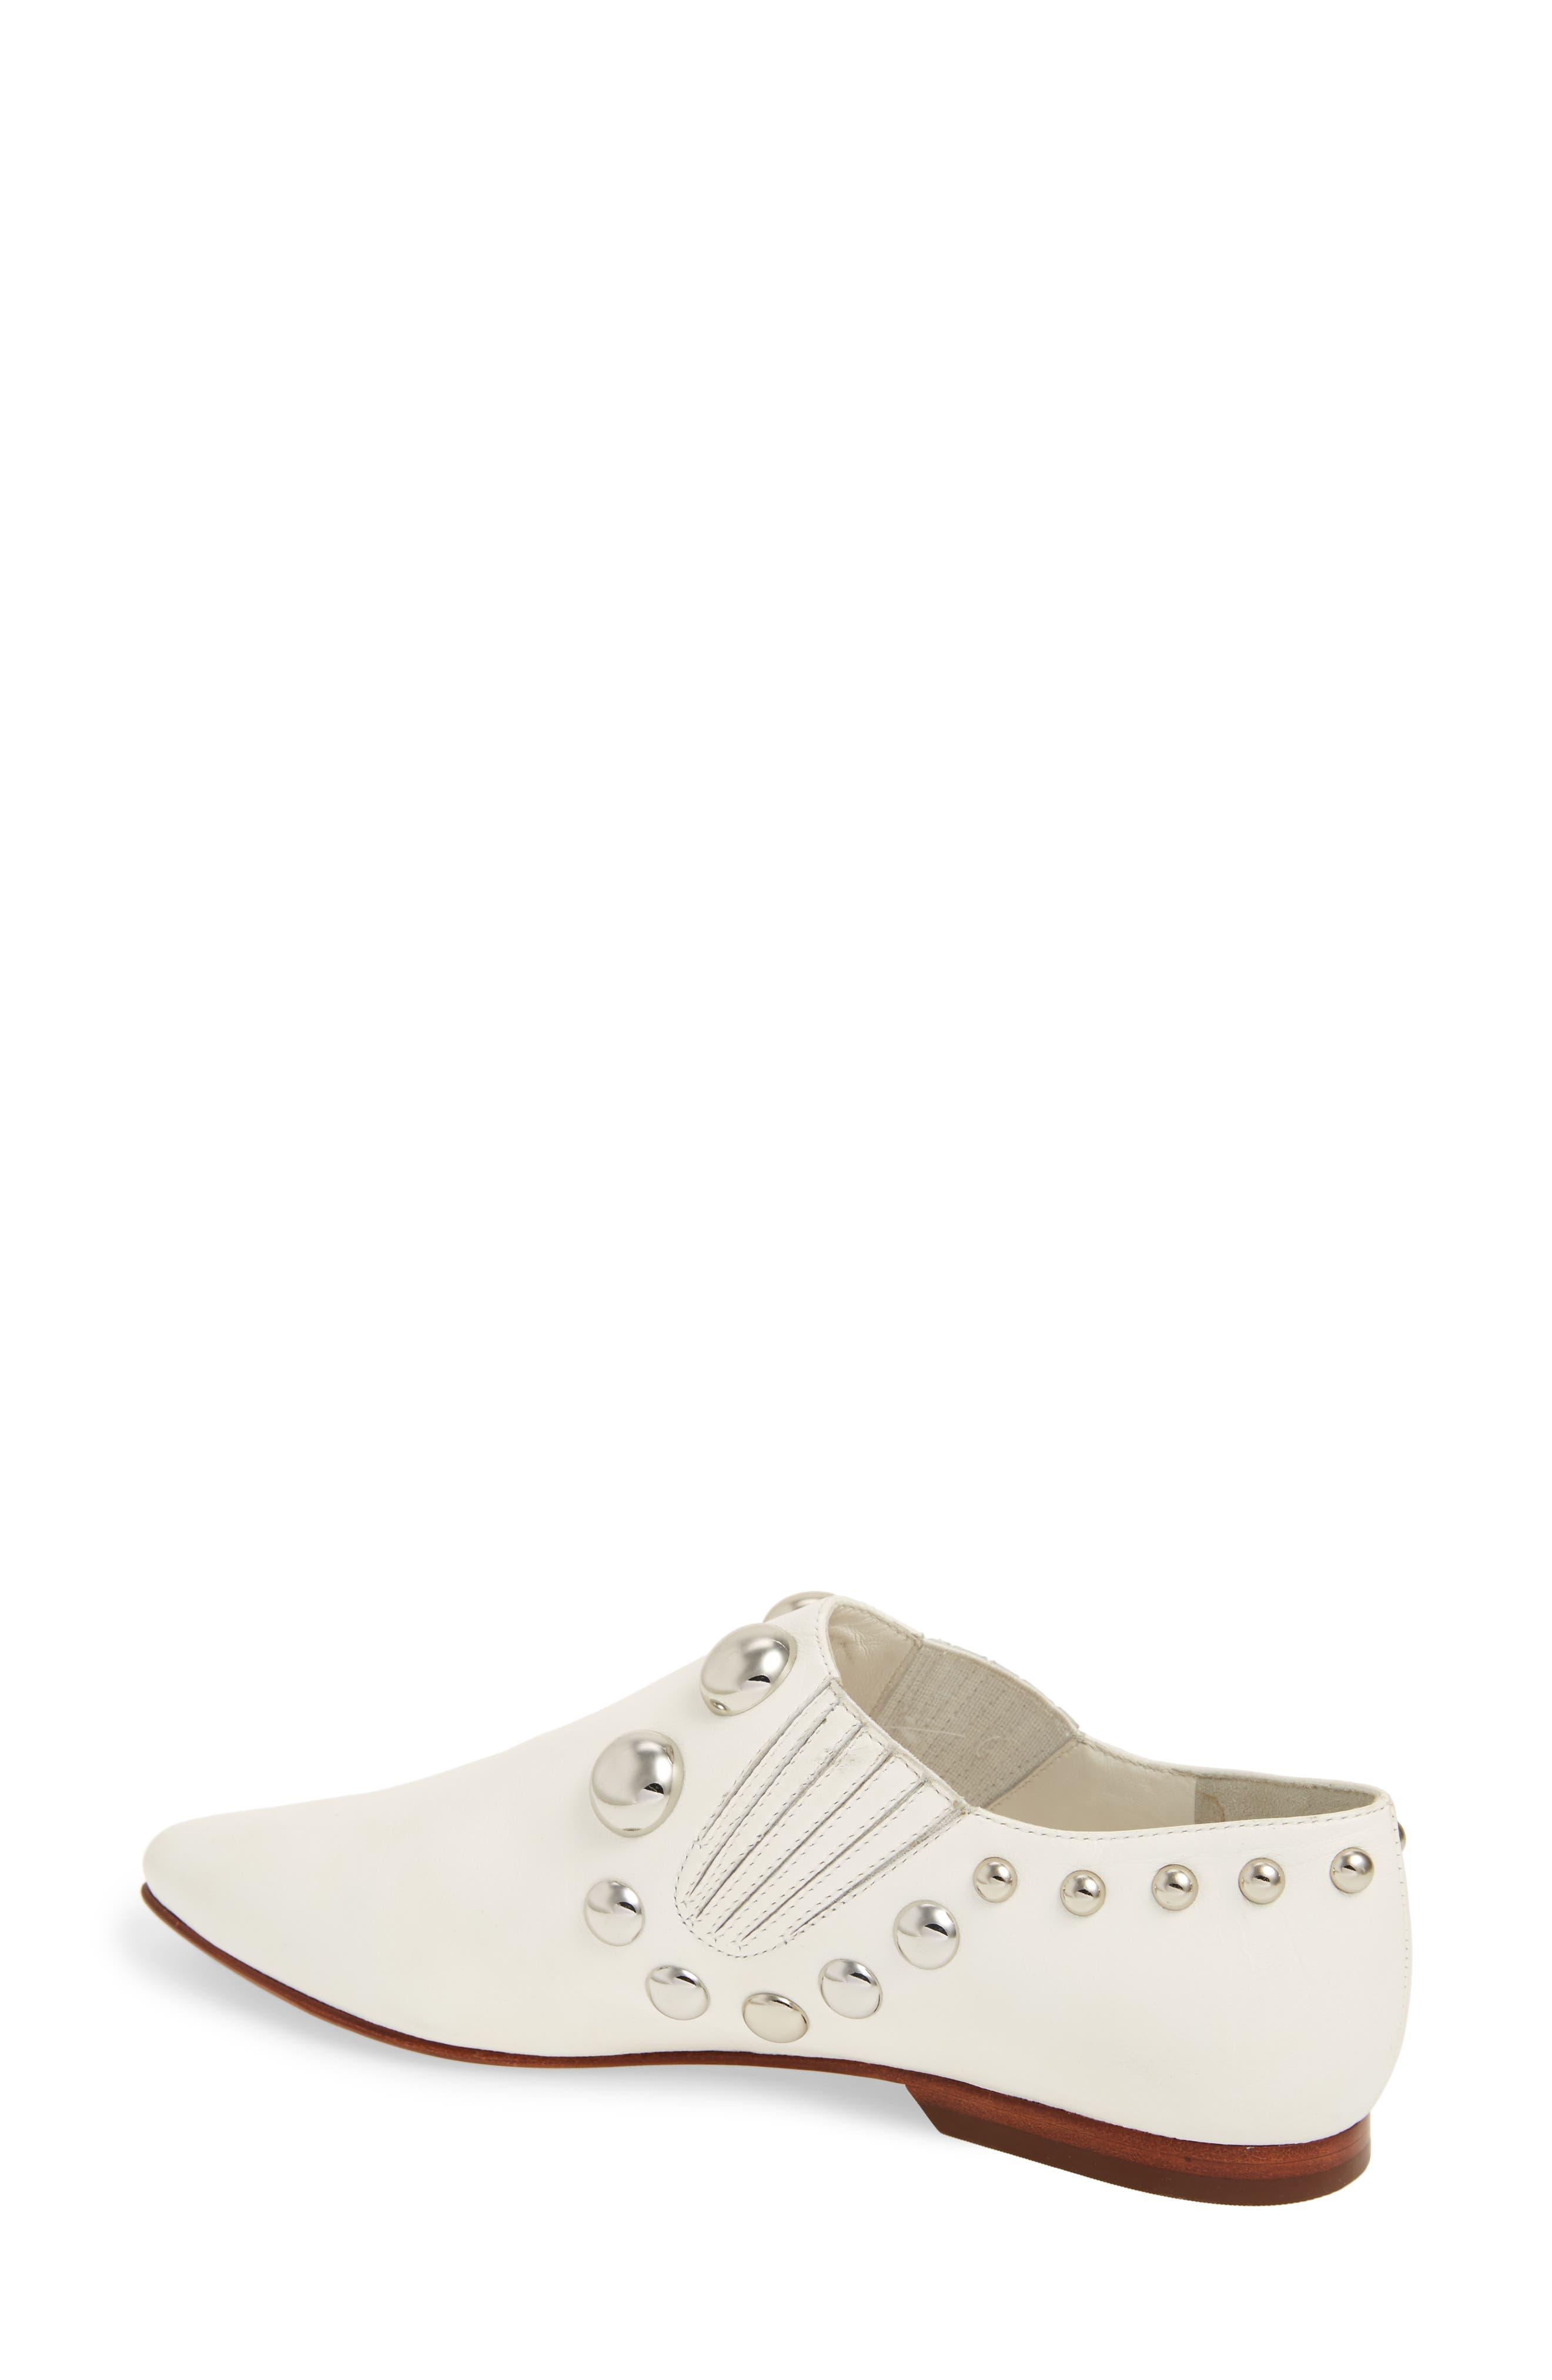 Blythe Studded Loafer,                             Alternate thumbnail 2, color,                             White